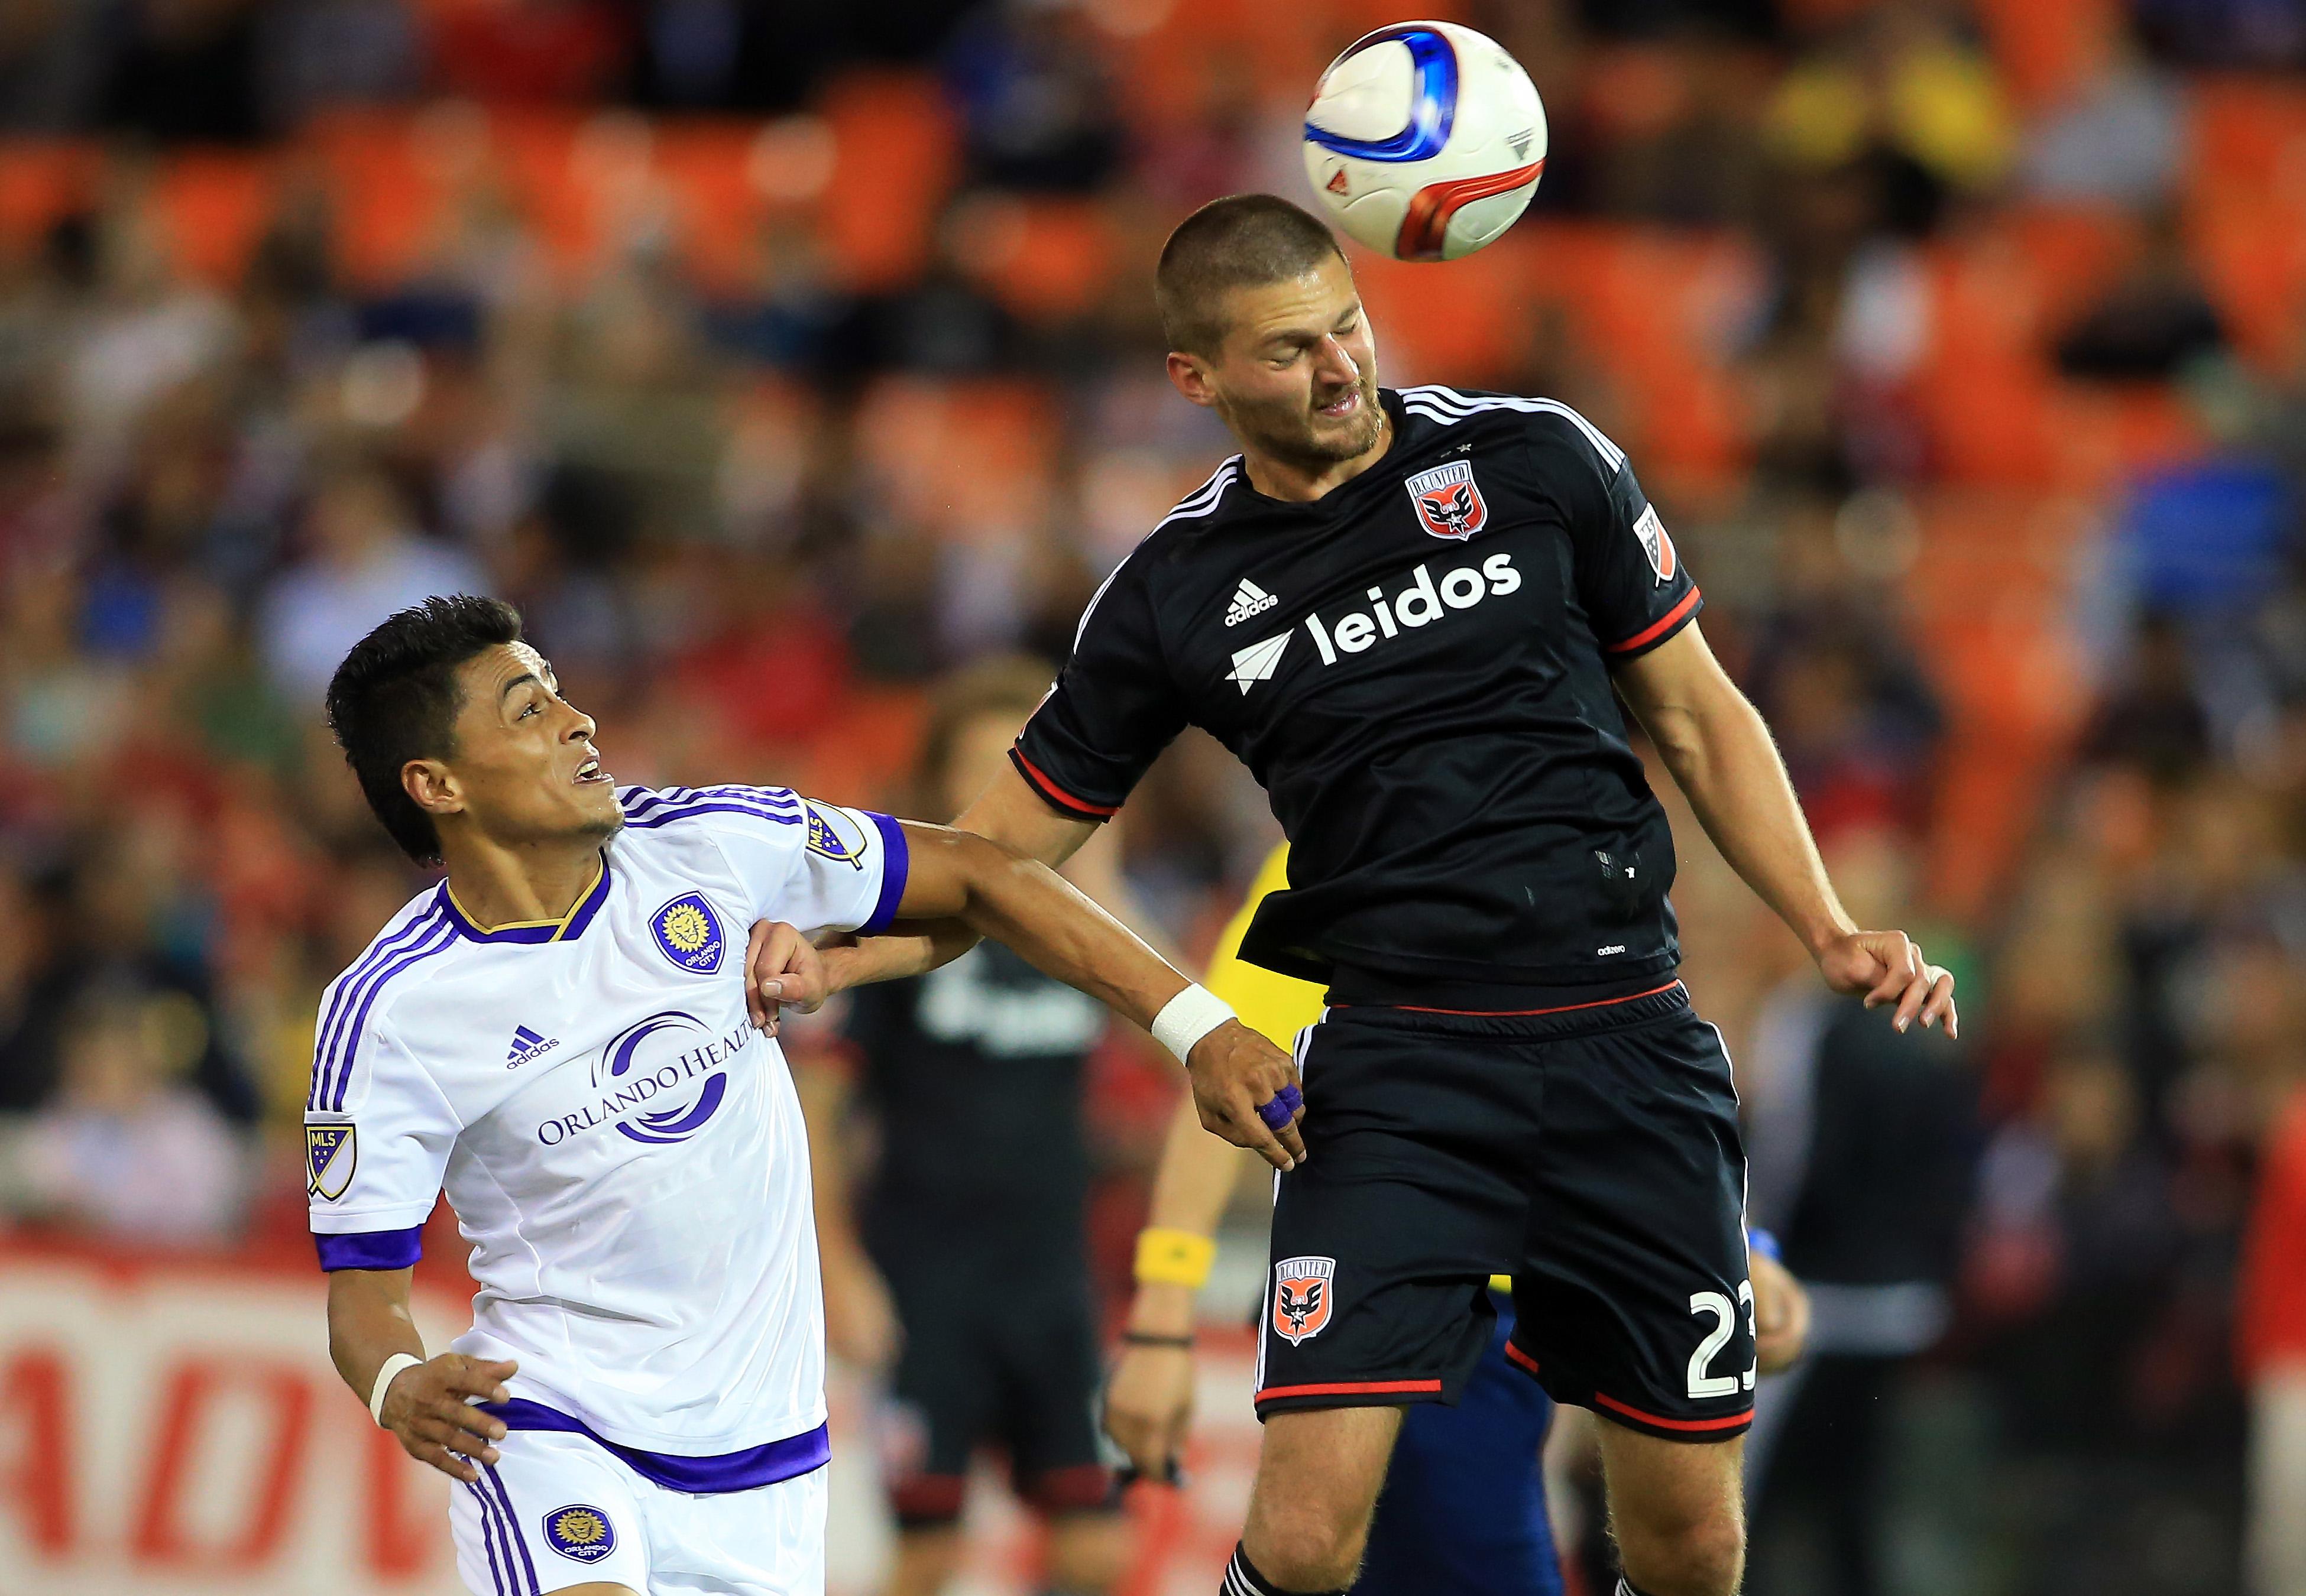 SOCCER: MAY 13 MLS - Orlando City SC at United